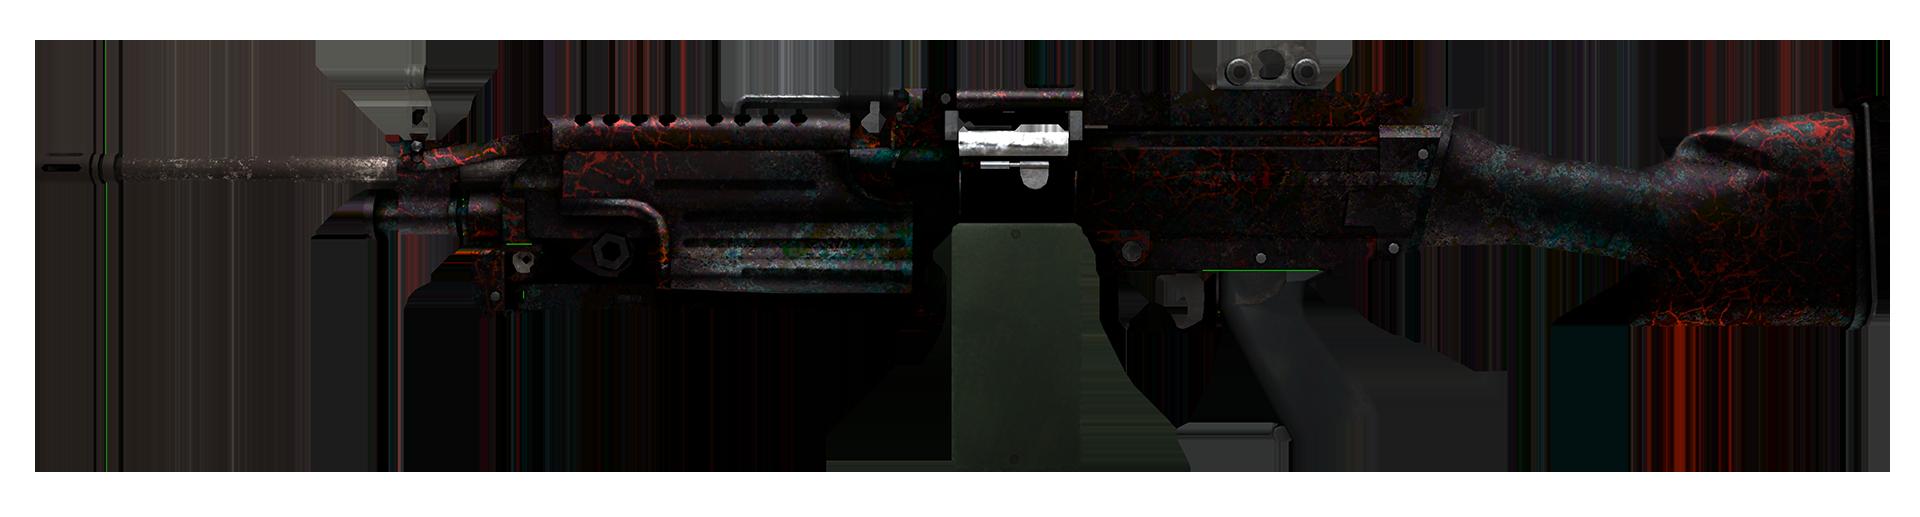 M249 Magma Large Rendering